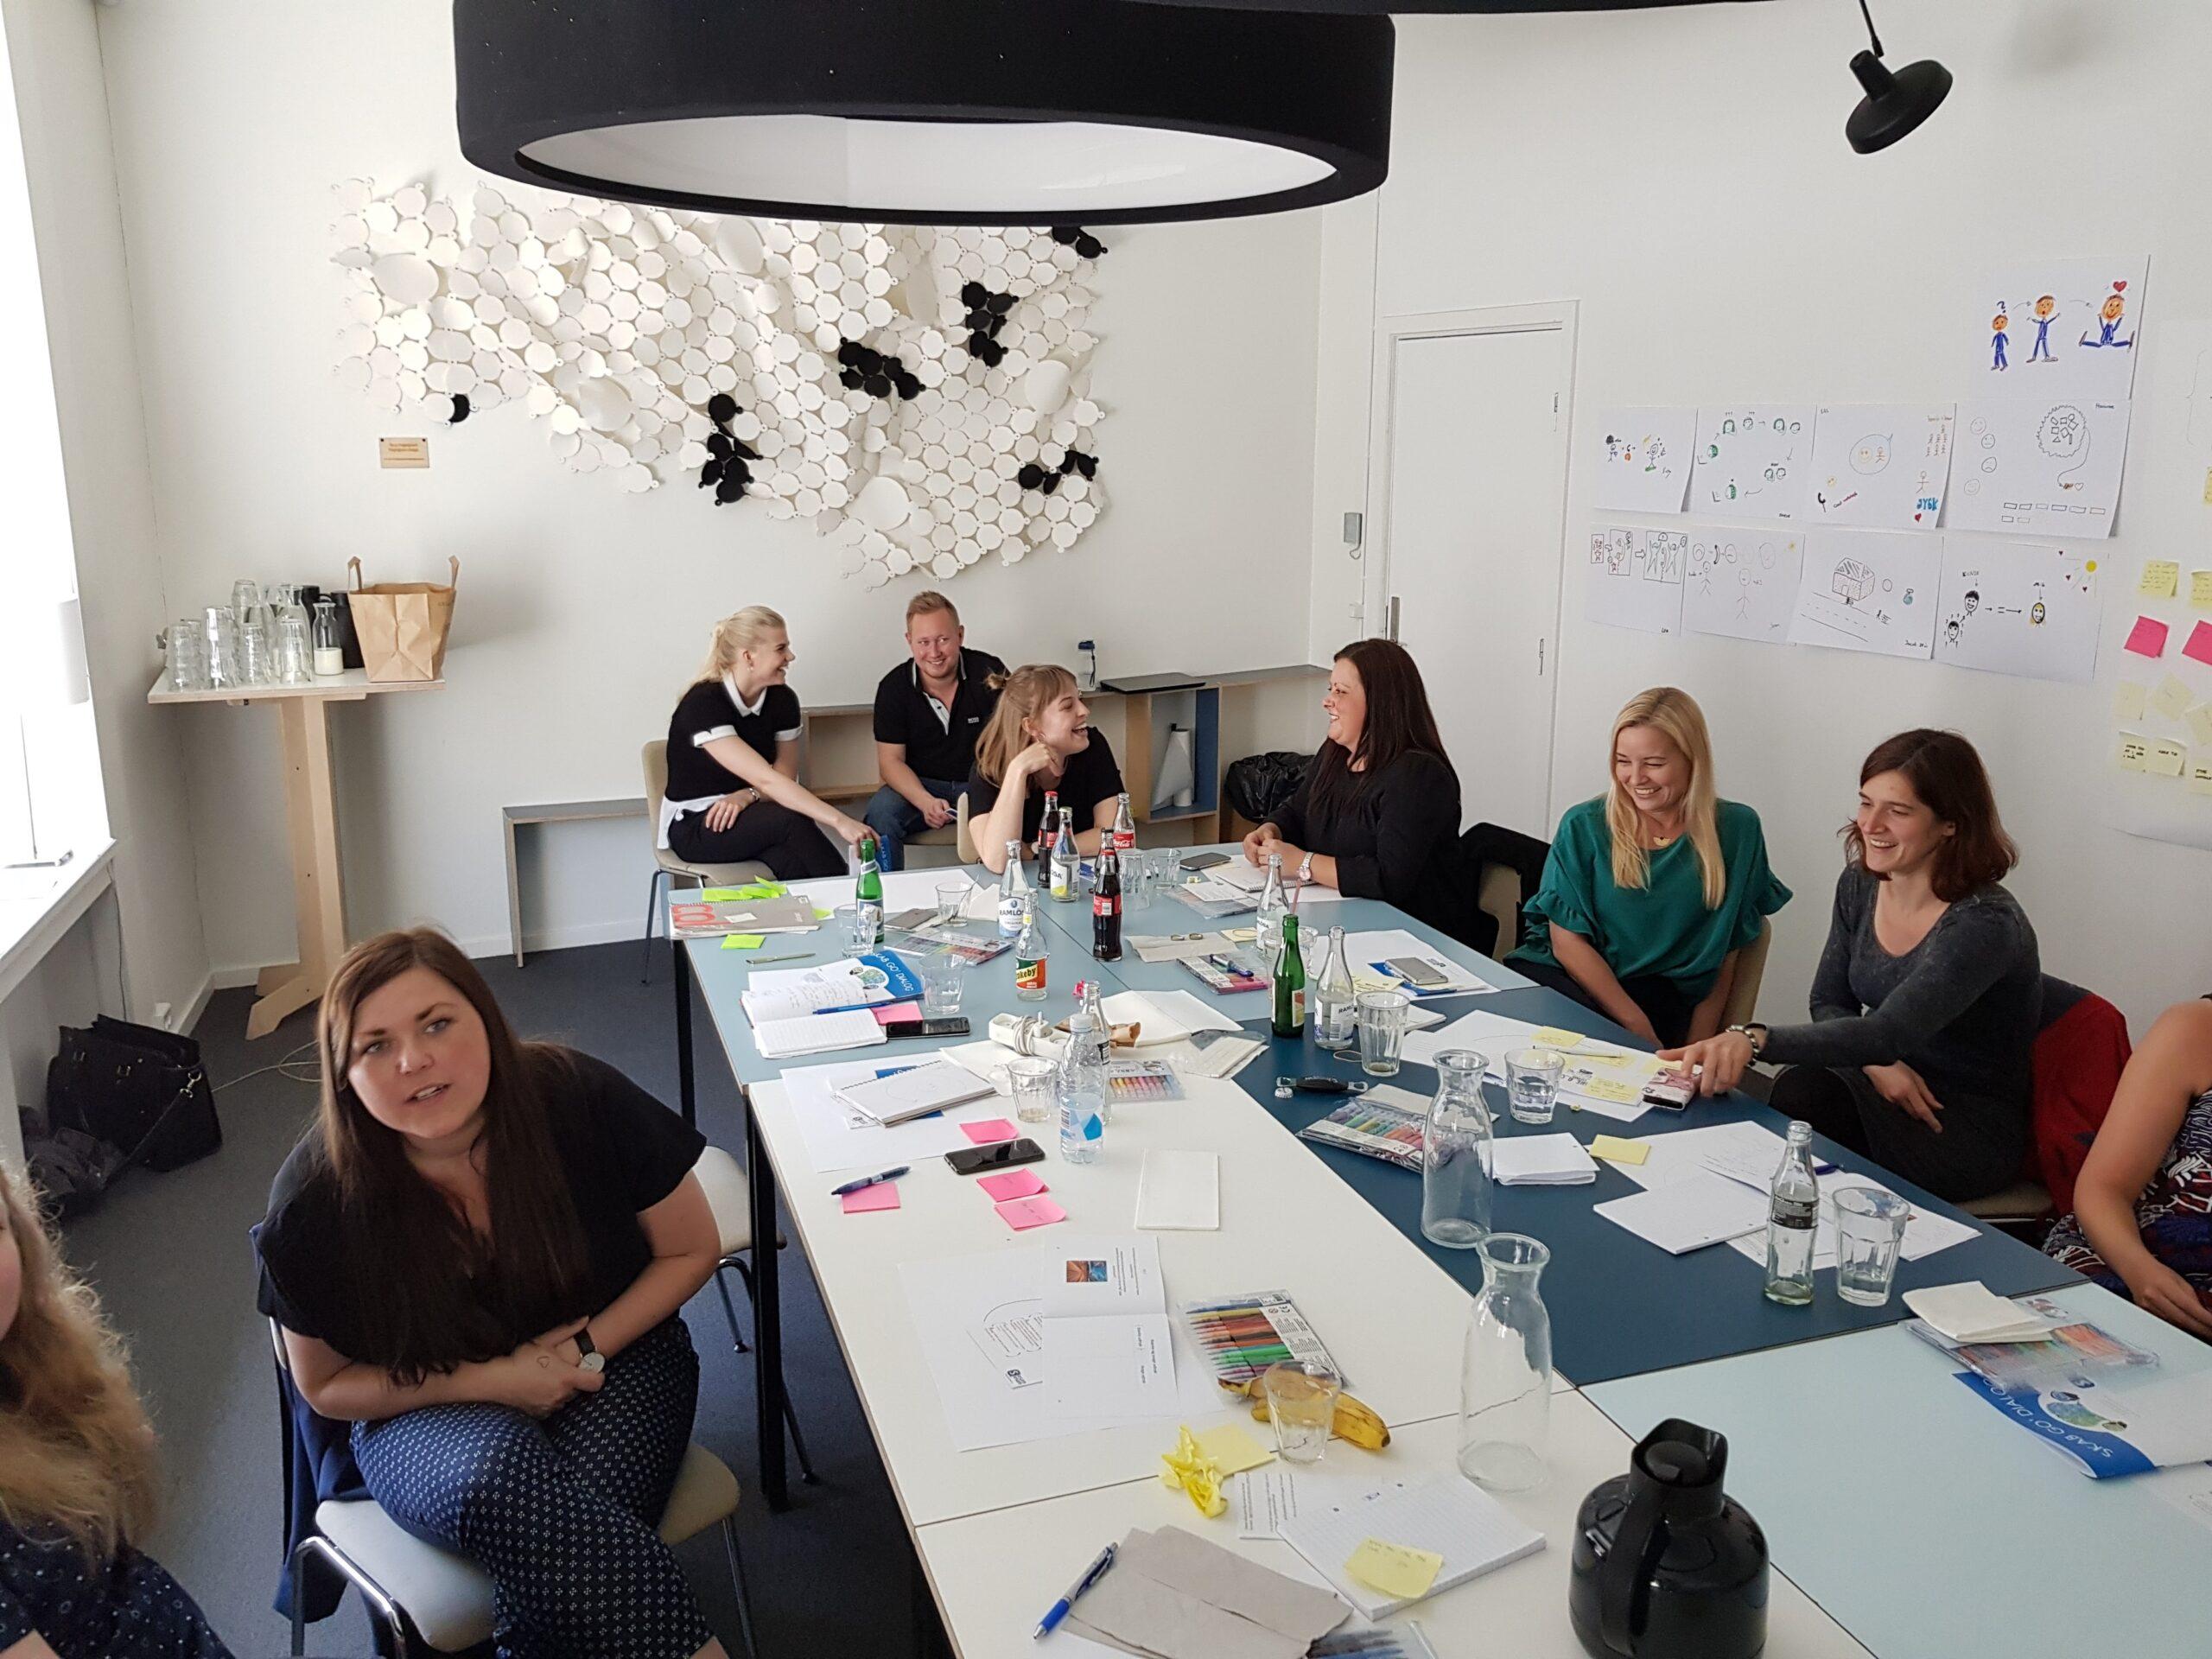 Medarbejdere der deltager i en workshop ved Kjellerup kommunikation